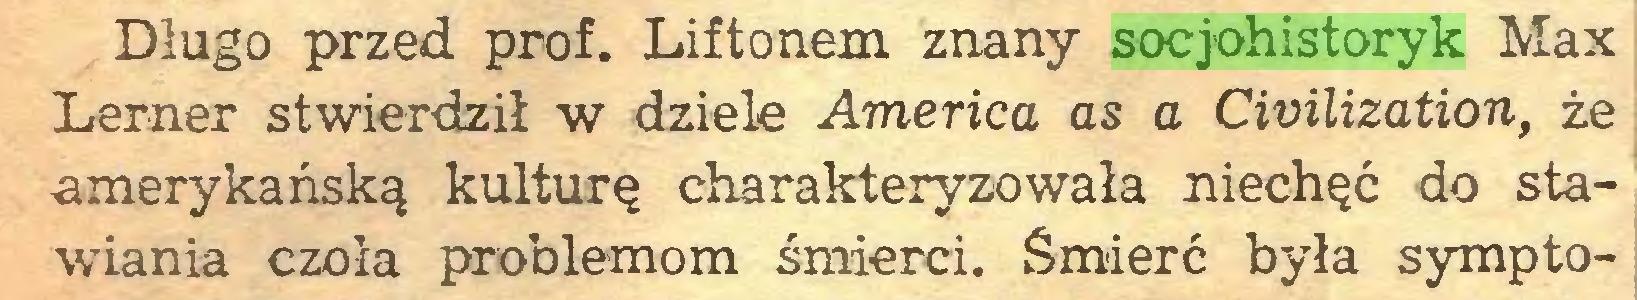 (...) Długo przed prof. Liftonem znany socjohistoryk Max Lerner stwierdził w dziele America as a Civilization, że amerykańską kulturę charakteryzowała niechęć do stawiania czoła problemom śmierci. Śmierć była sympto...